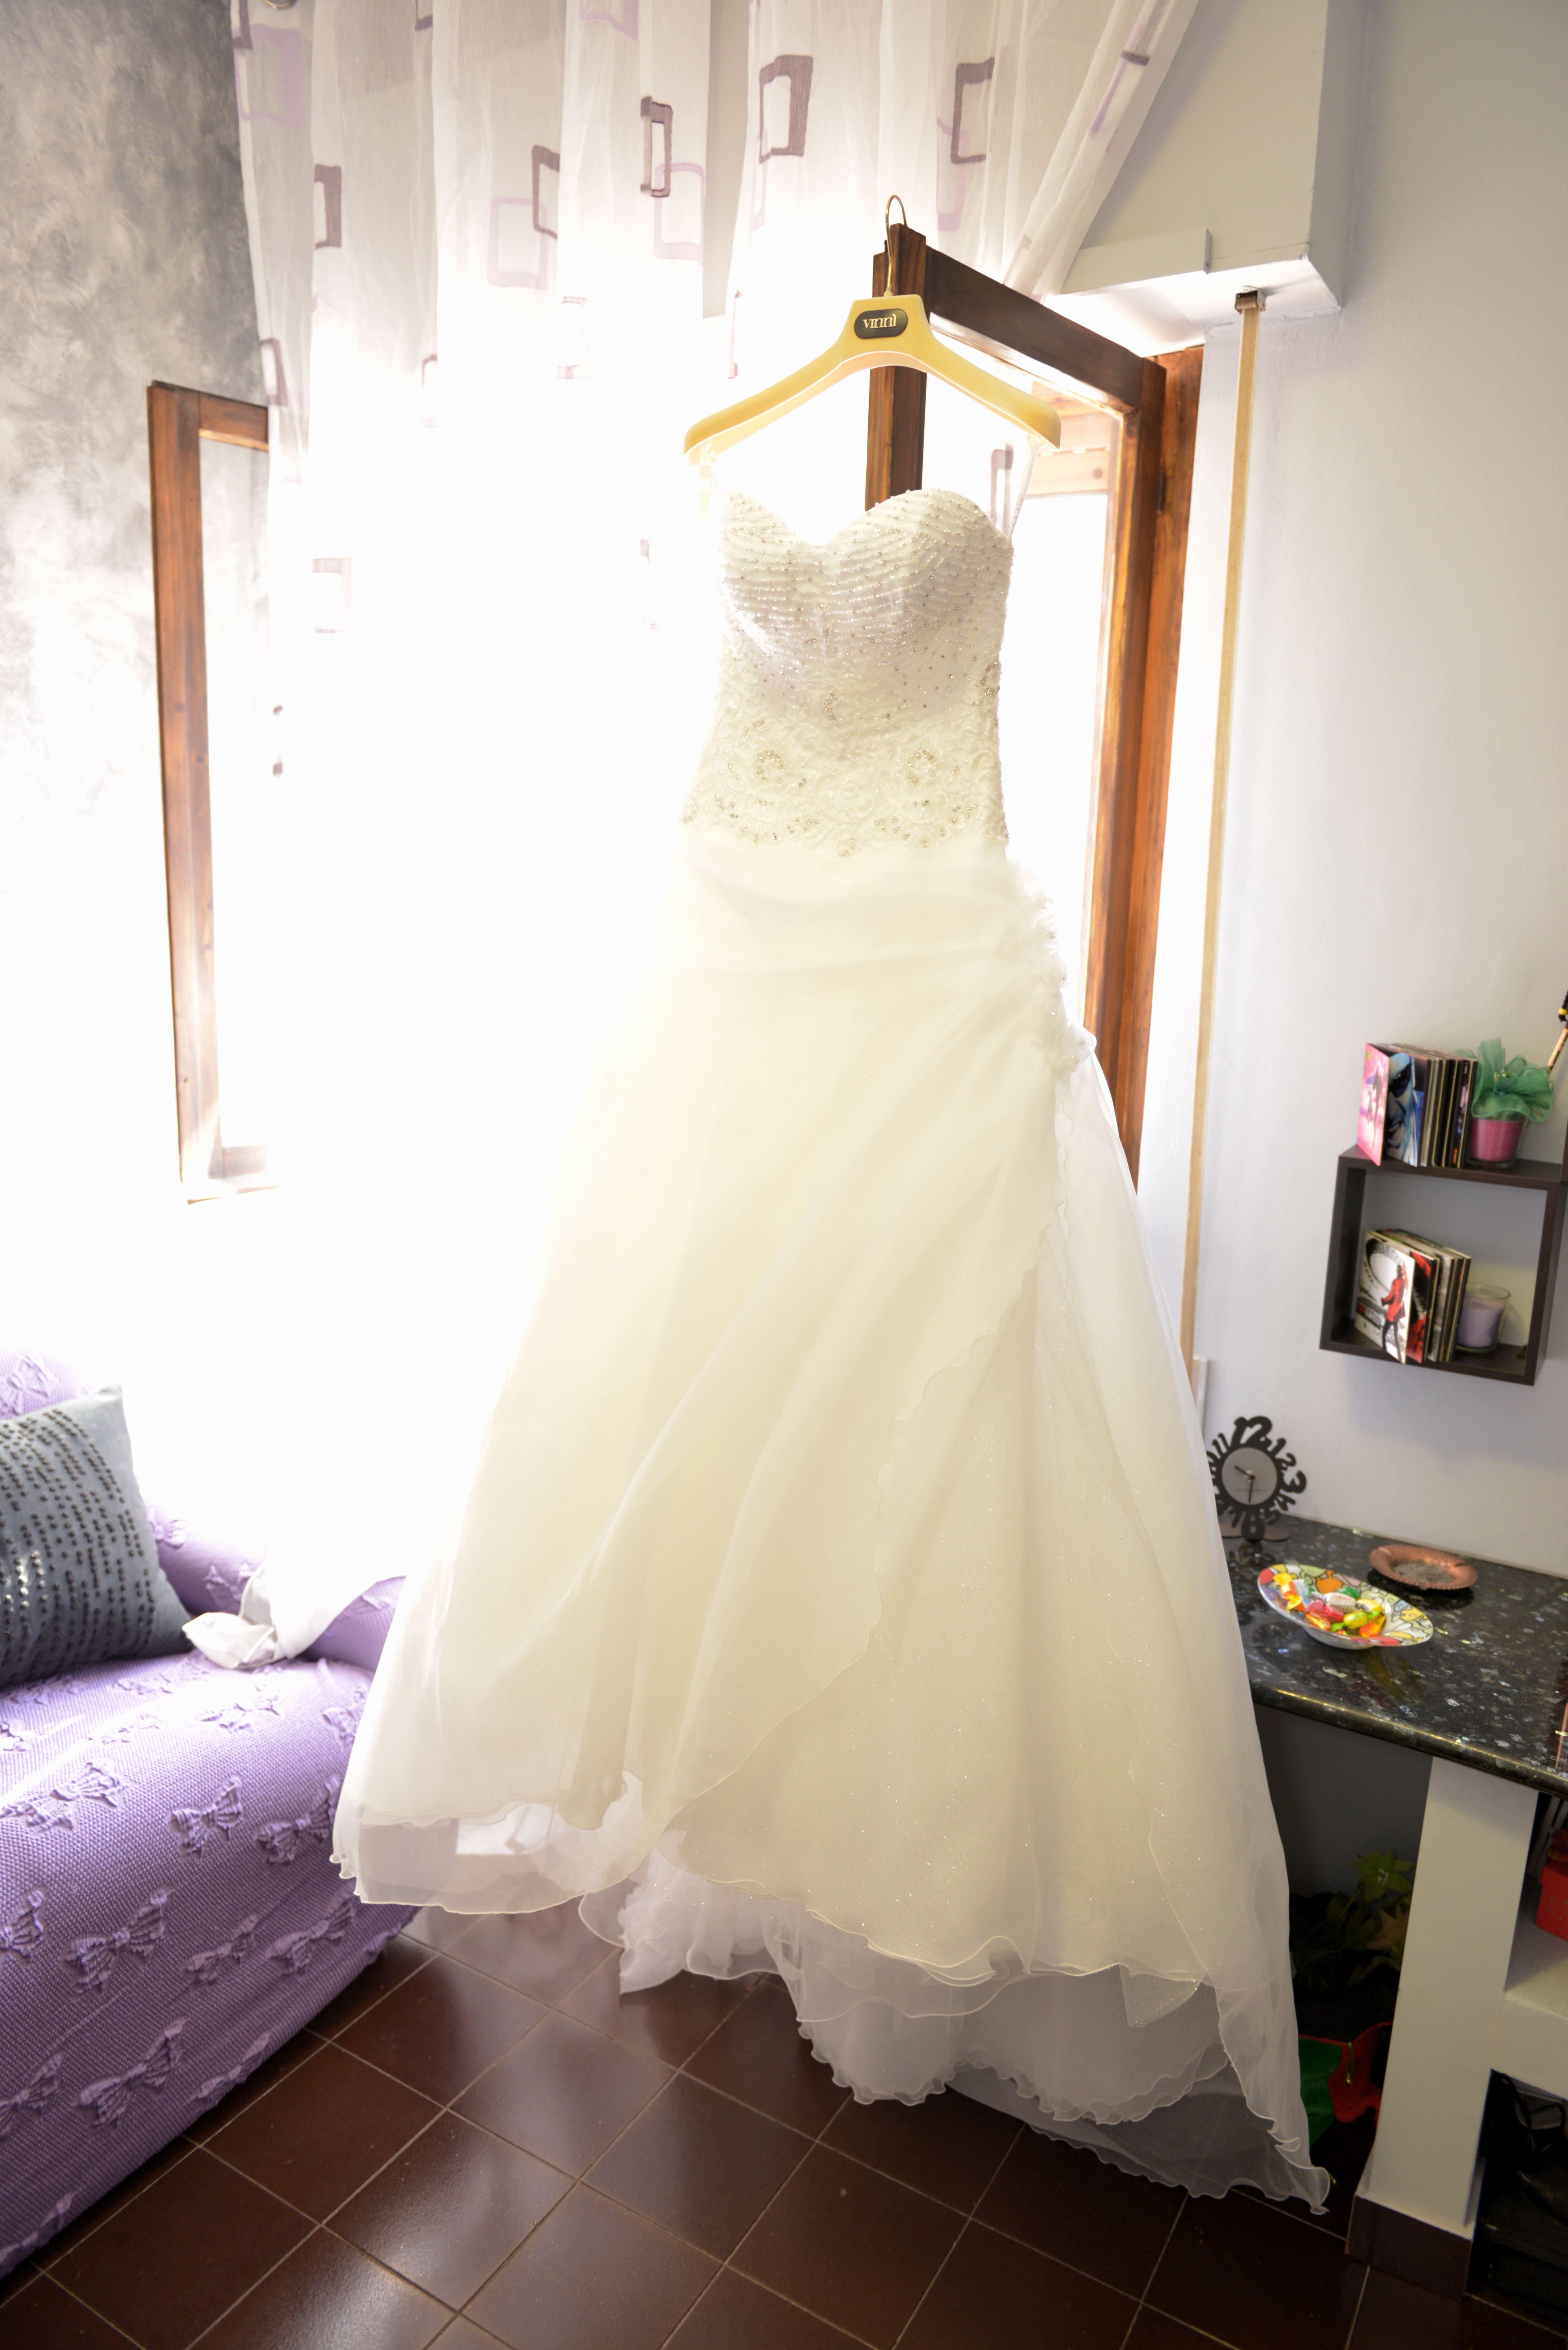 prezzi fotografo matrimonio roma